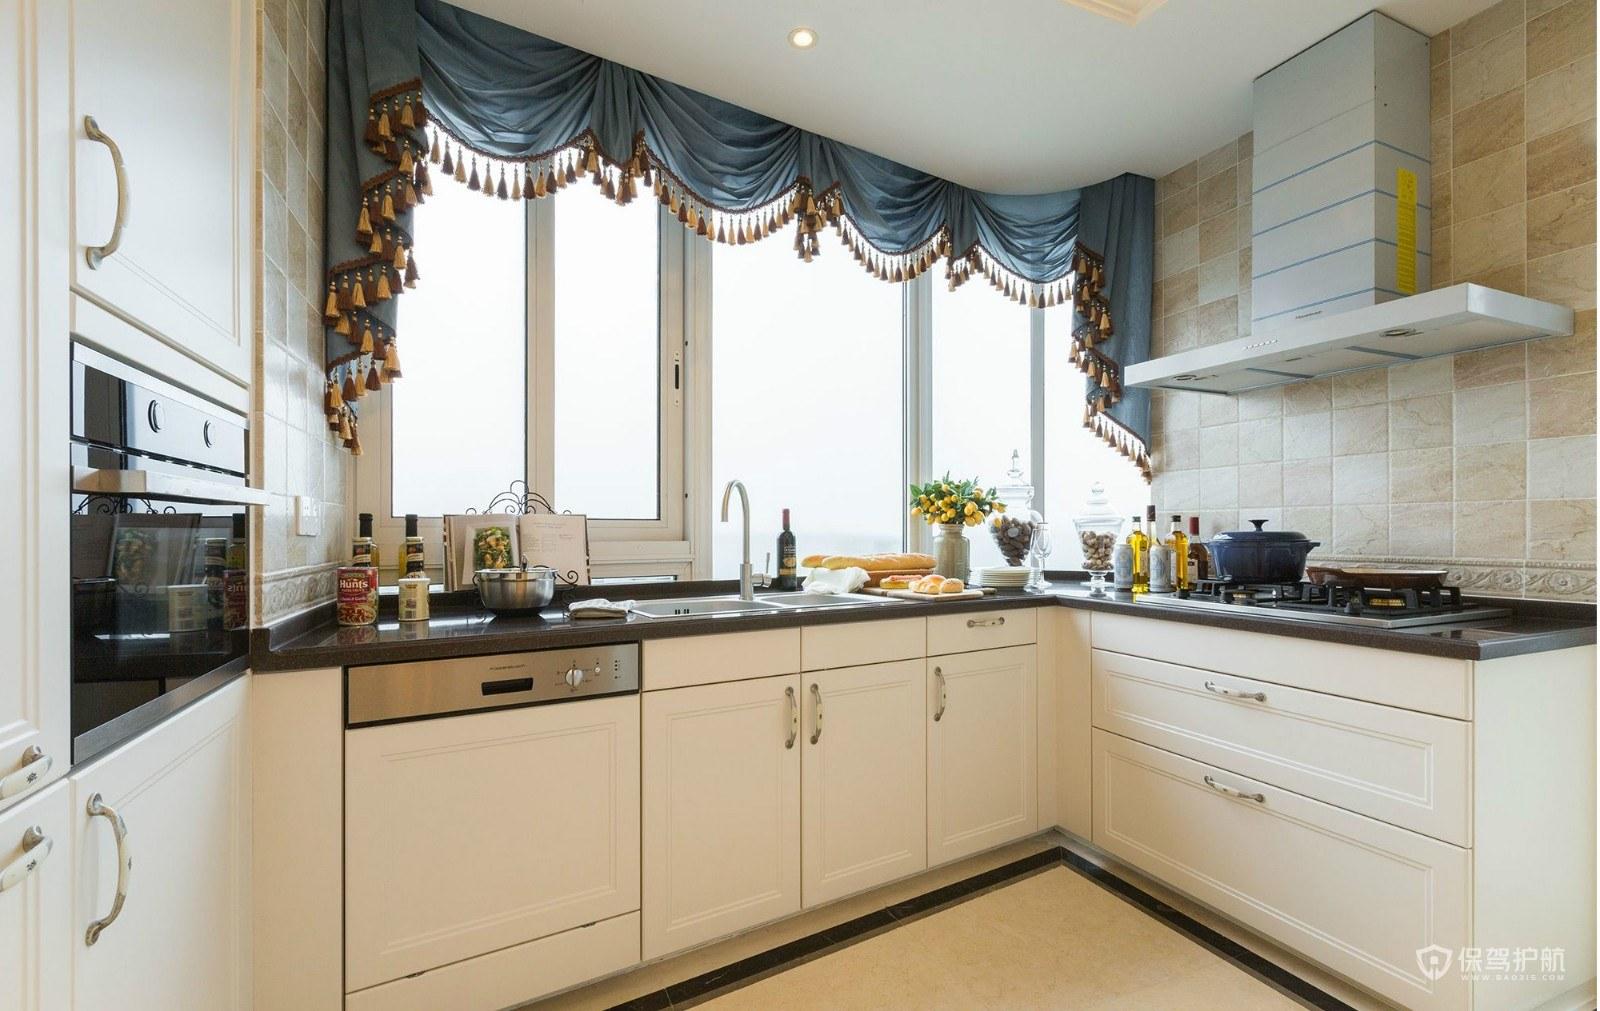 简约美式风格别墅厨房装修效果图